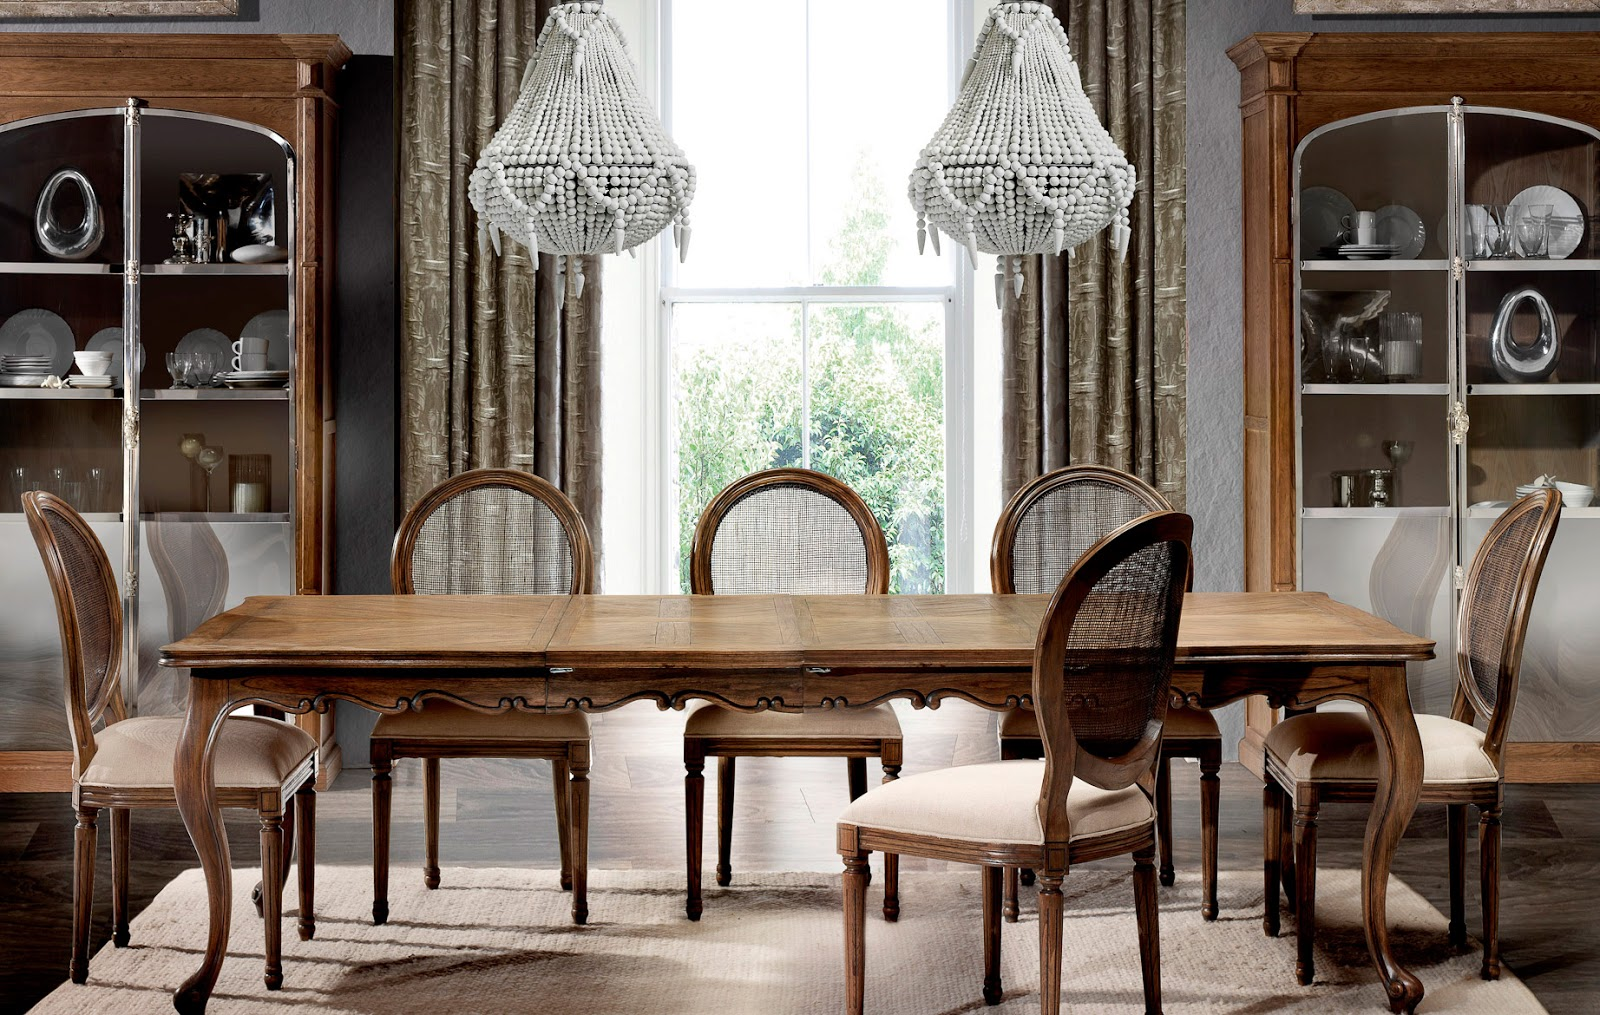 Muebles de comedor comedores clasicos ejemplo de elegancia for Estilos de muebles de madera